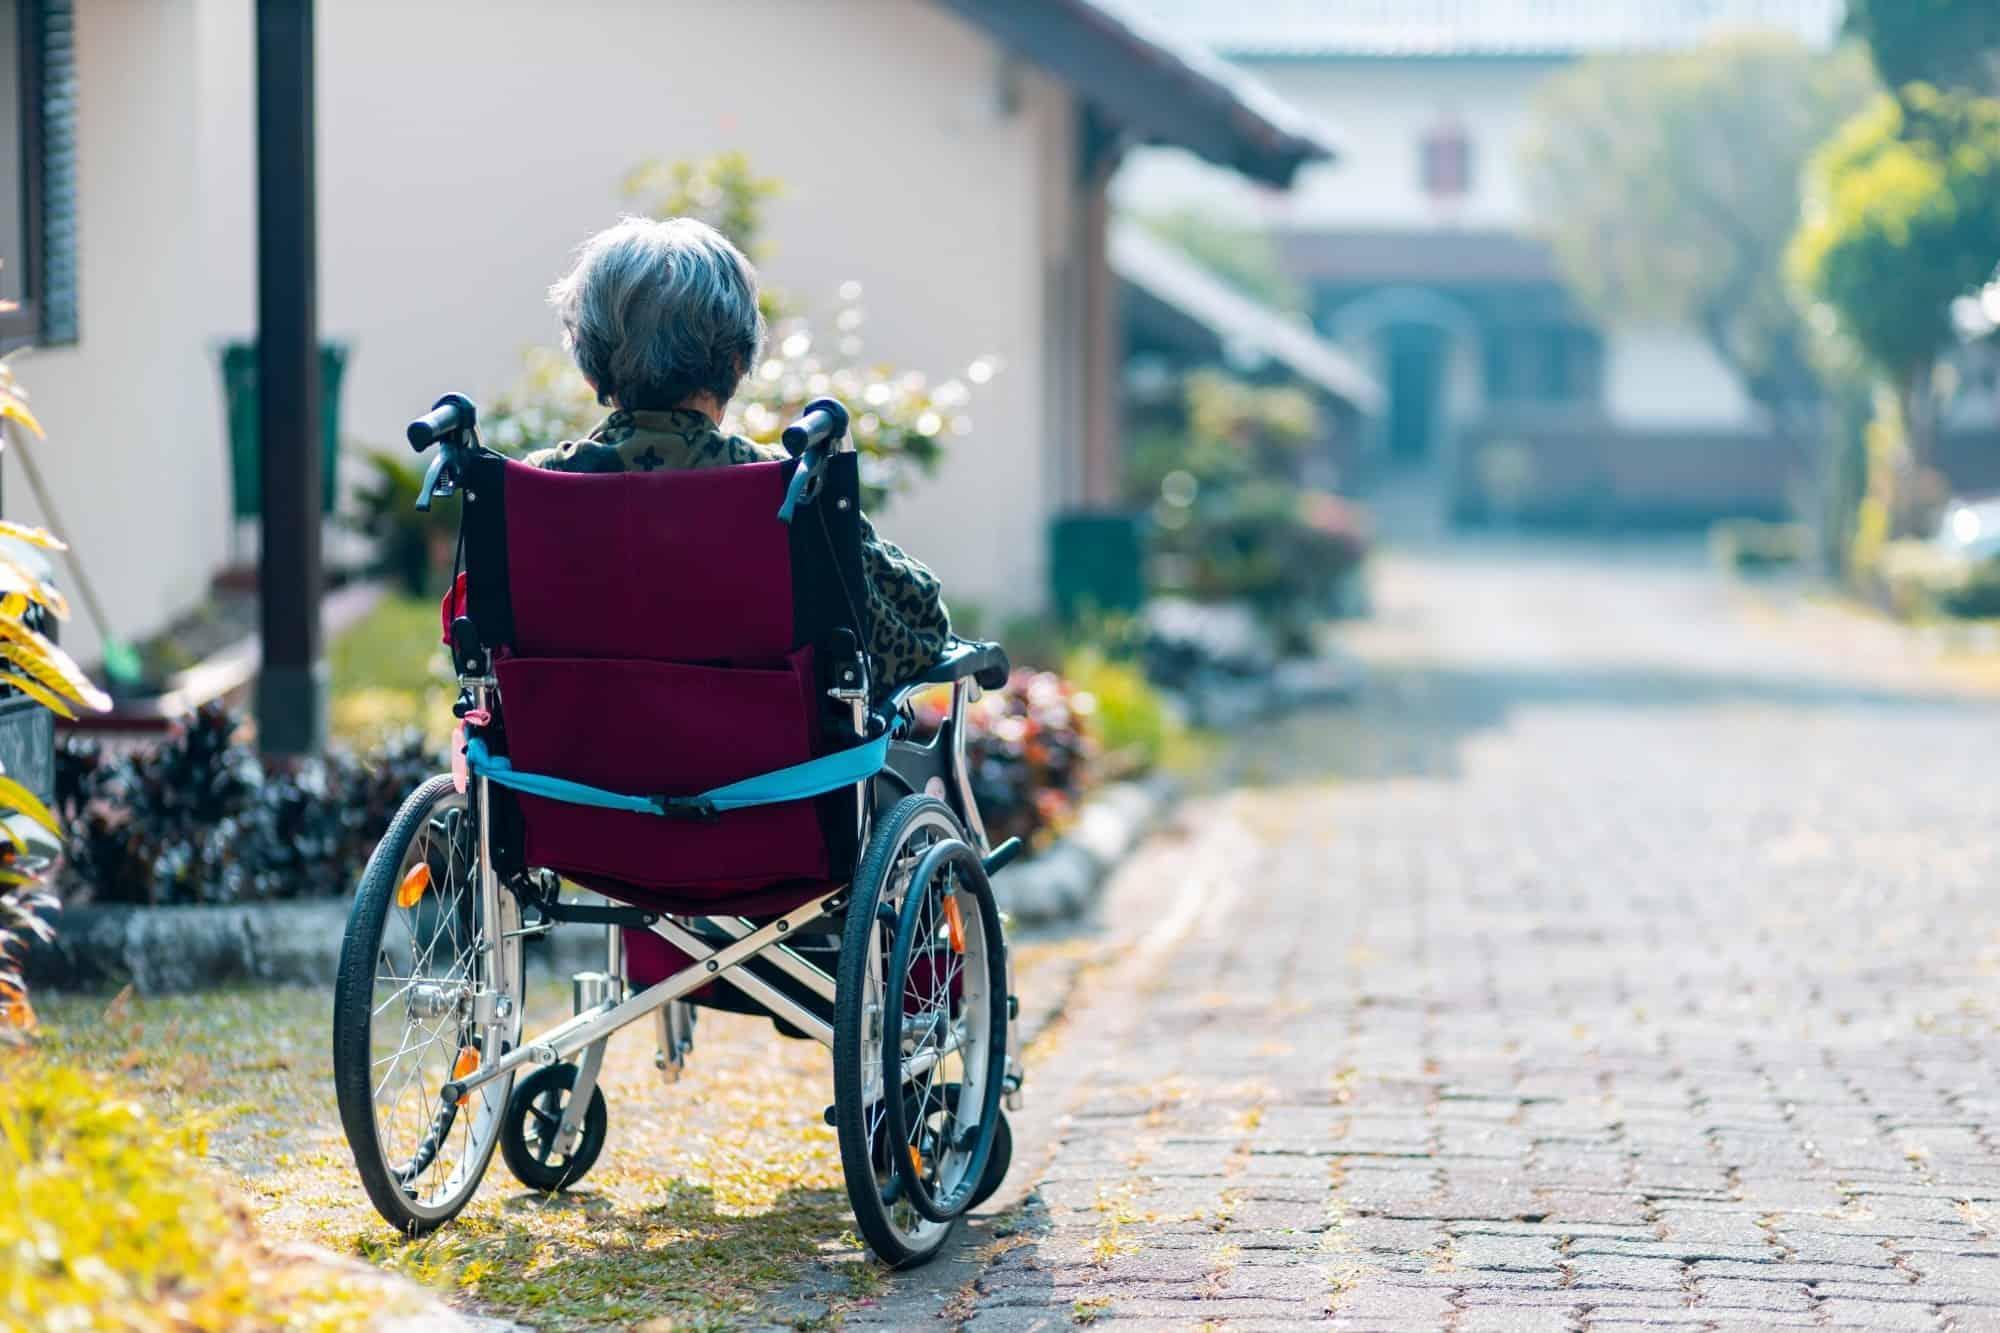 Przystosowanie lokalu do potrzeb osoby z niepełnosprawnościami nie wymaga dużych nakładów finansowych